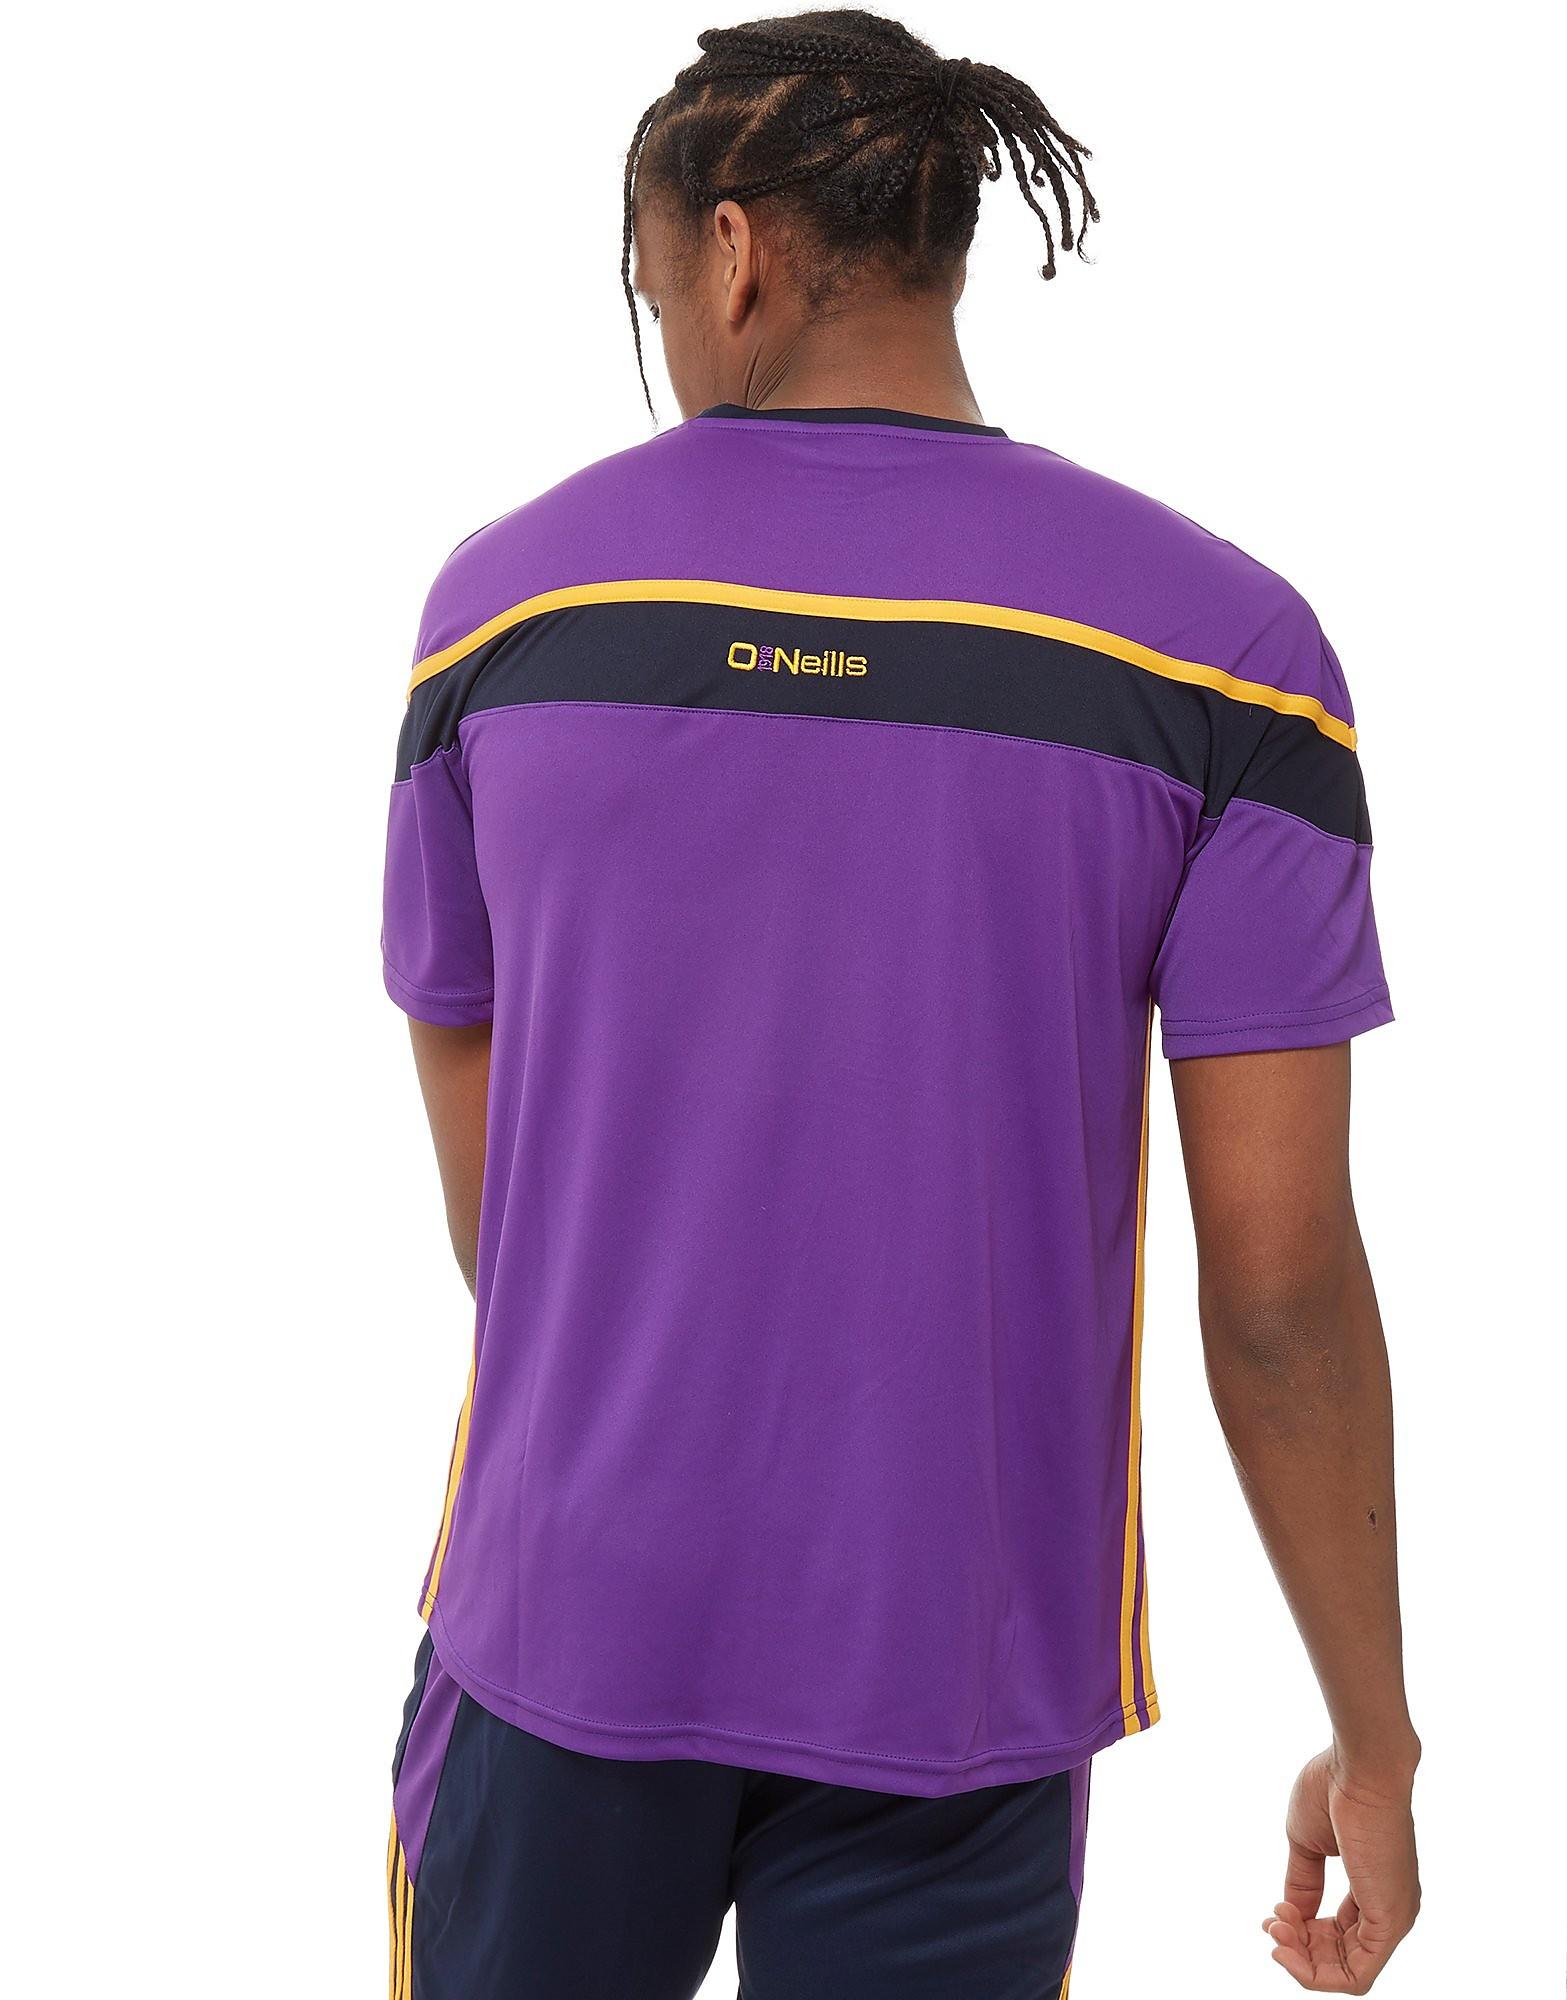 O'Neills Wexford T-Shirt